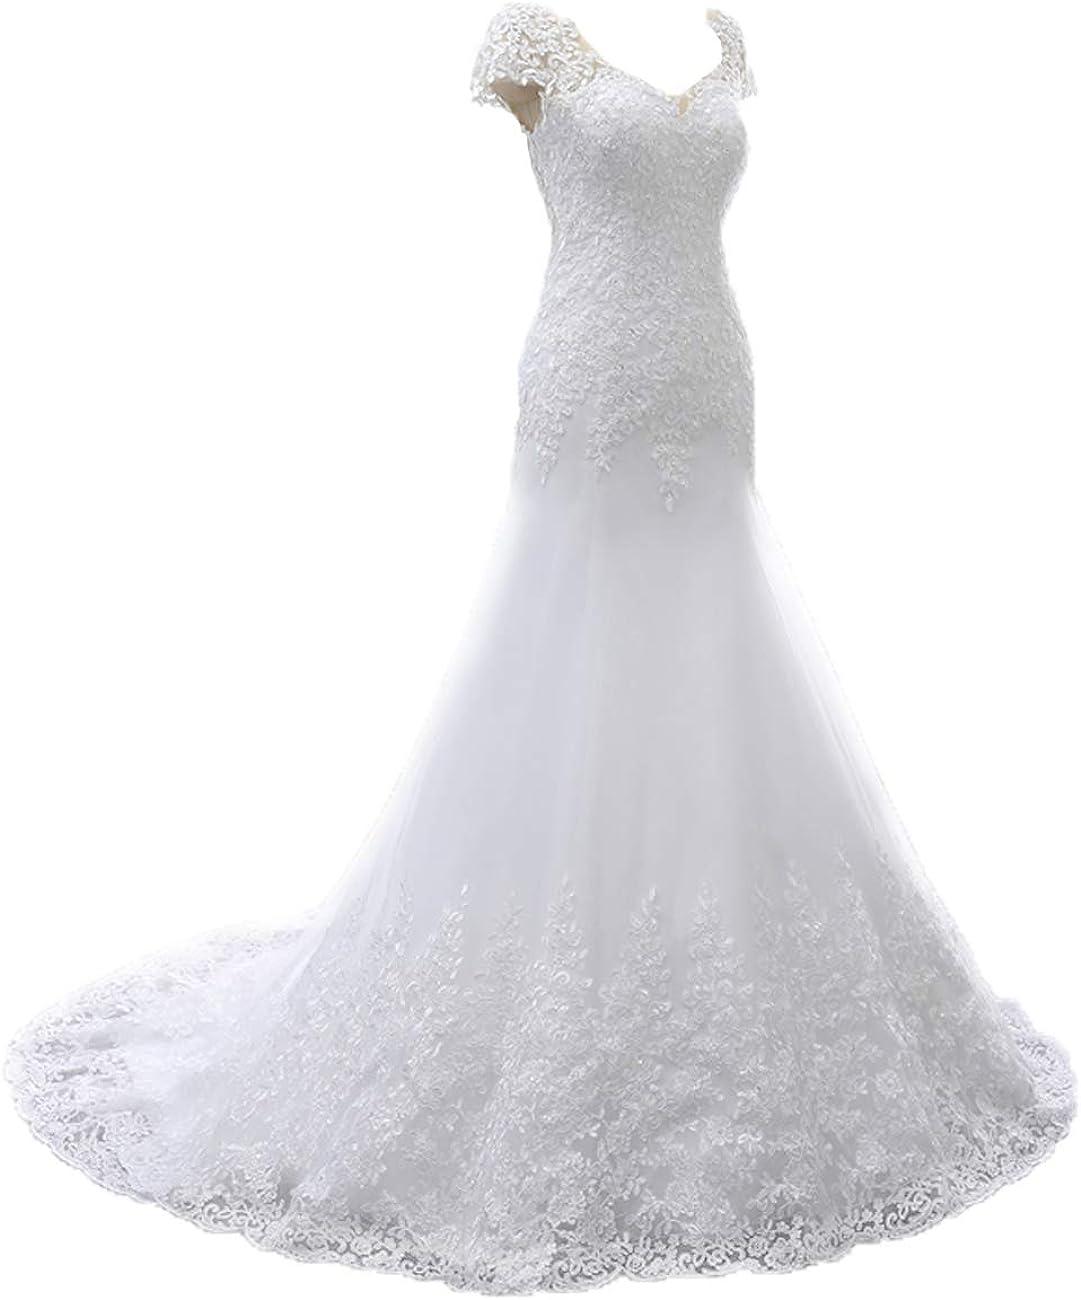 Brautkleider Lang Elegant V-Ausschnitt Hochzeitskleid A-Linie Tüll